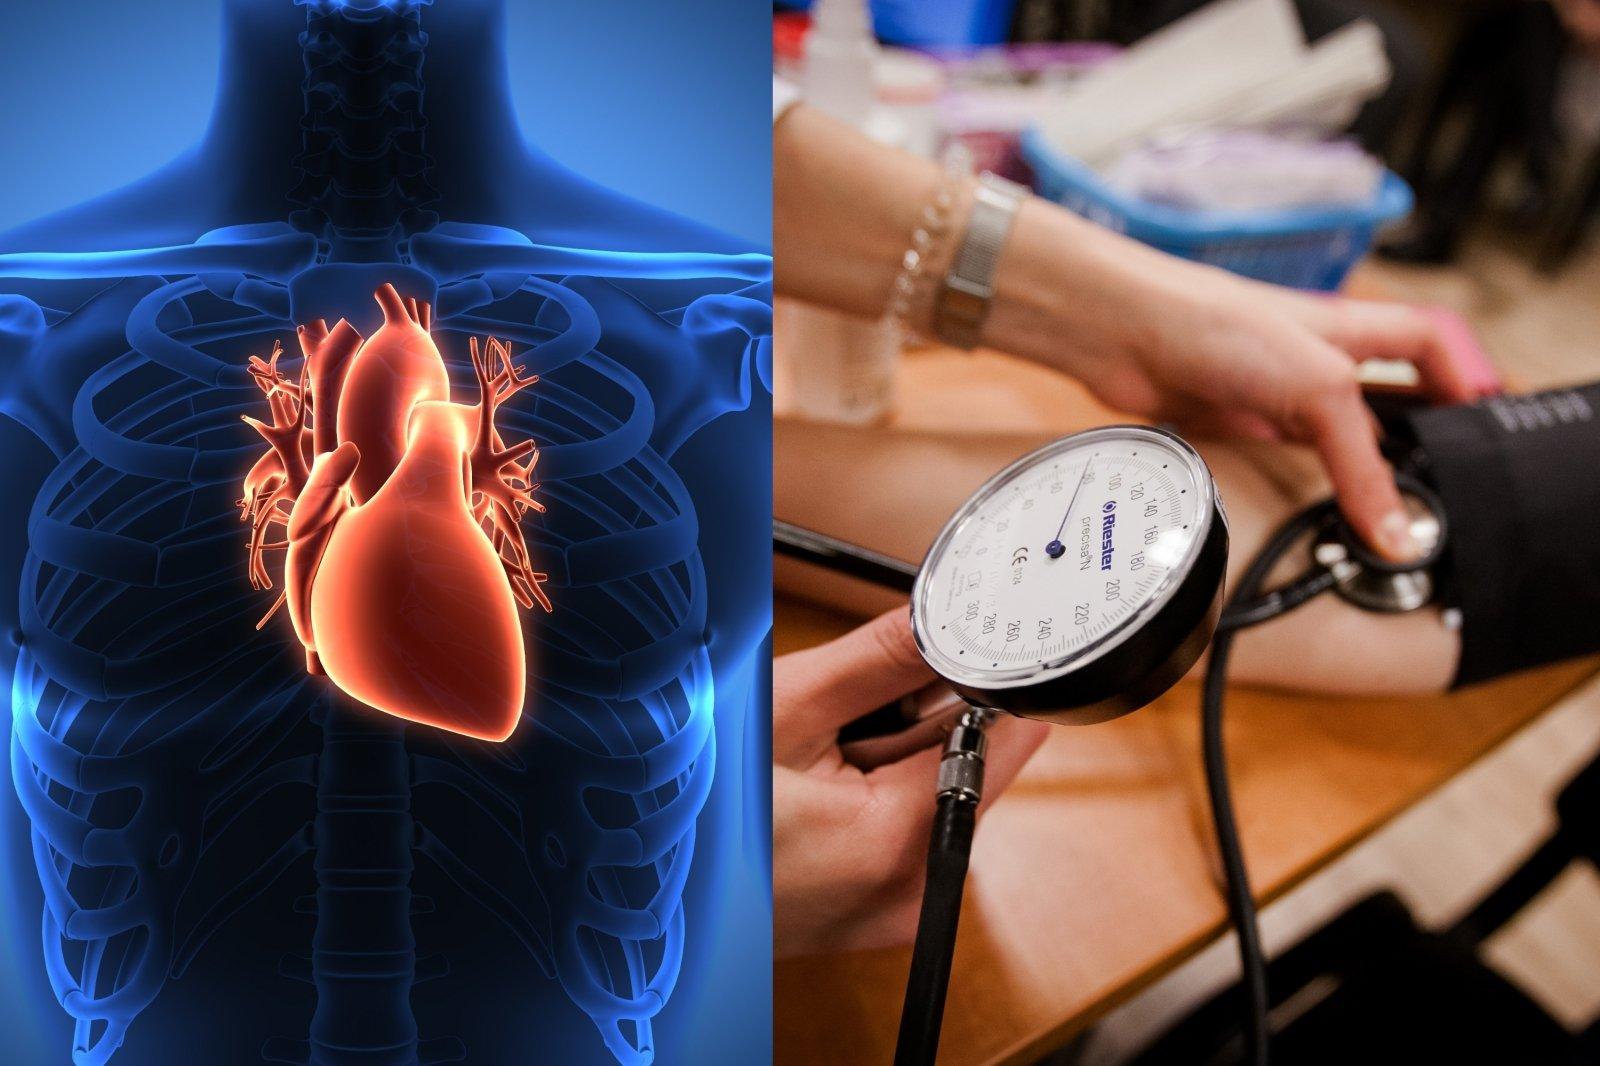 kokia dieta naudinga širdies sveikatai